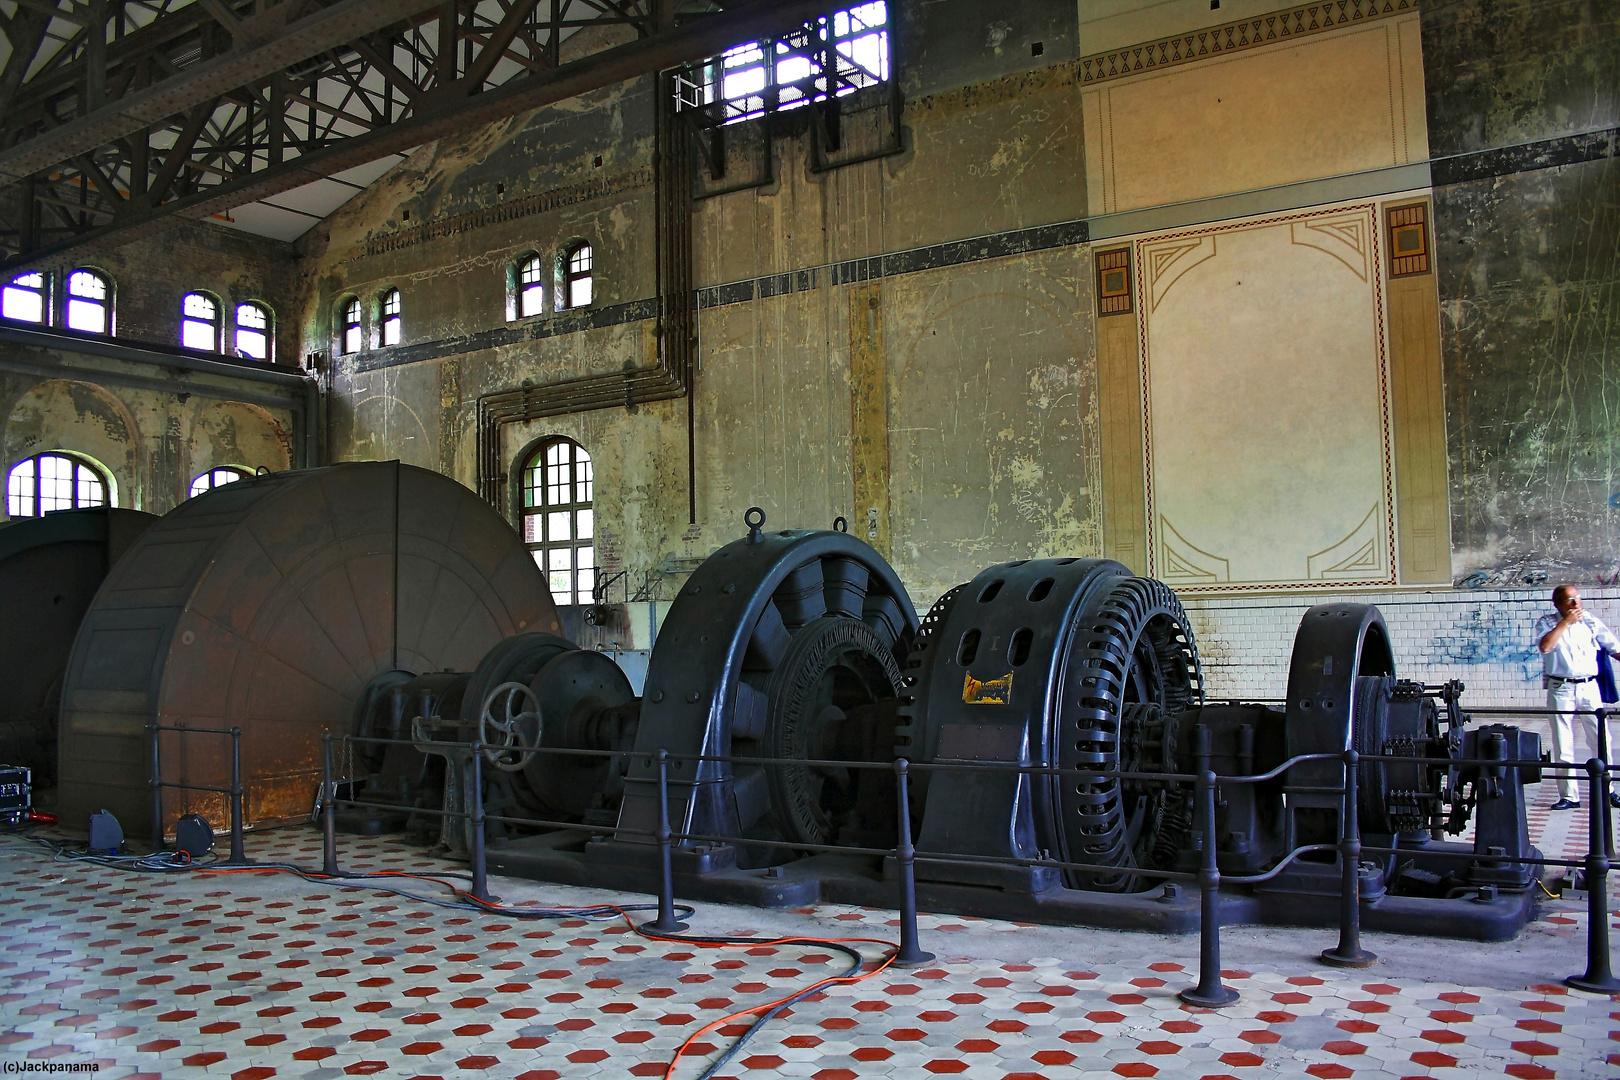 Blick in die Maschinenhalle, im Hintergrund einrestauriertes Segment der Wandmalerei